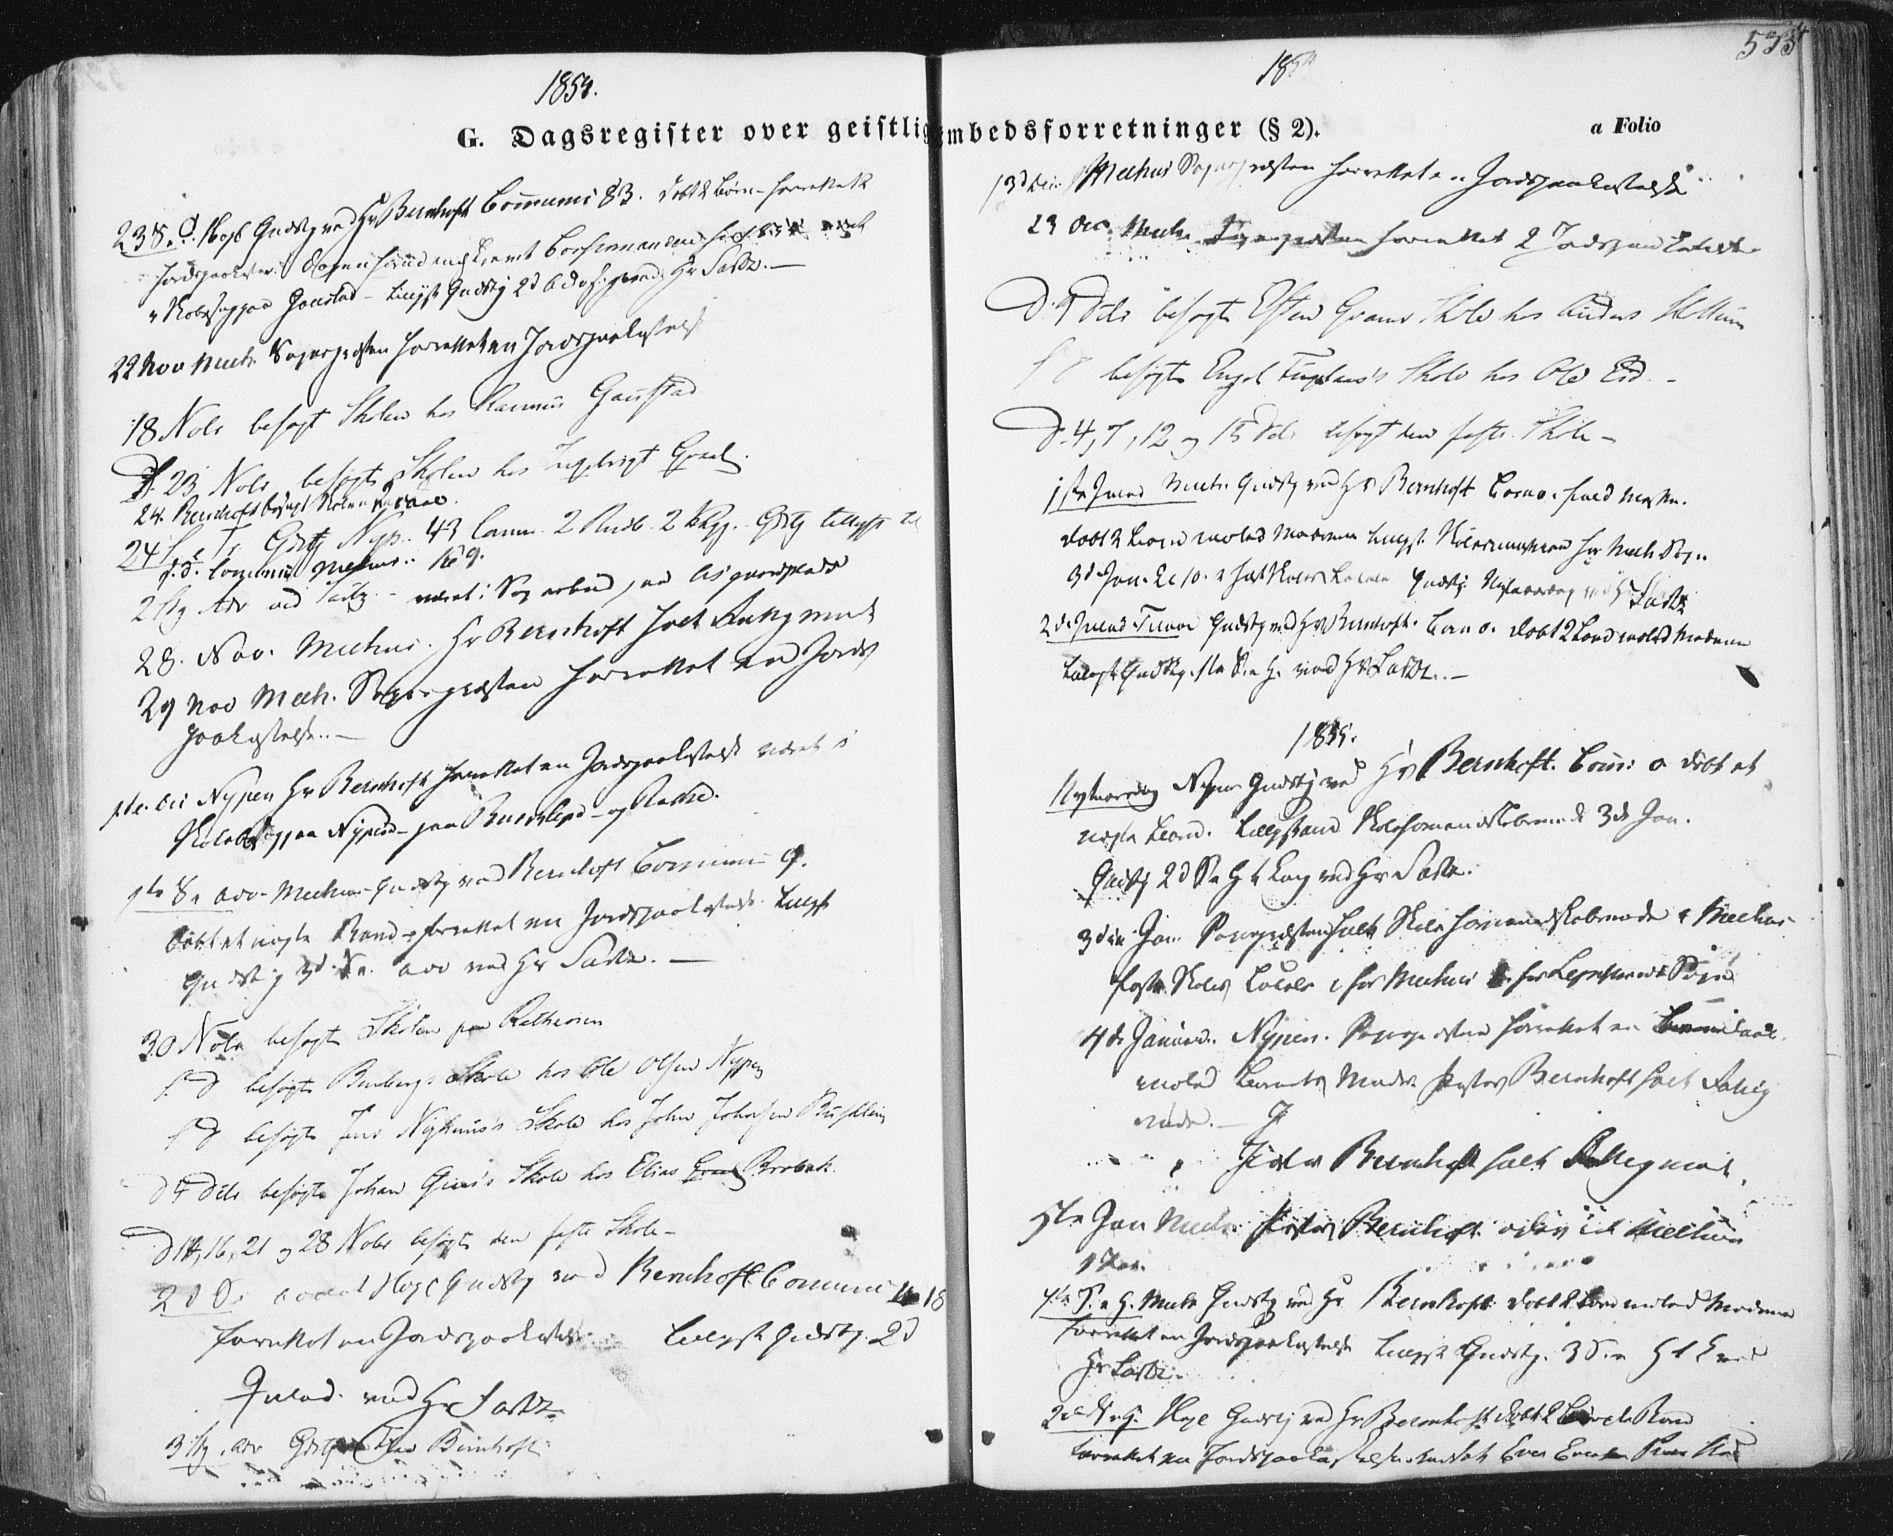 SAT, Ministerialprotokoller, klokkerbøker og fødselsregistre - Sør-Trøndelag, 691/L1076: Ministerialbok nr. 691A08, 1852-1861, s. 533